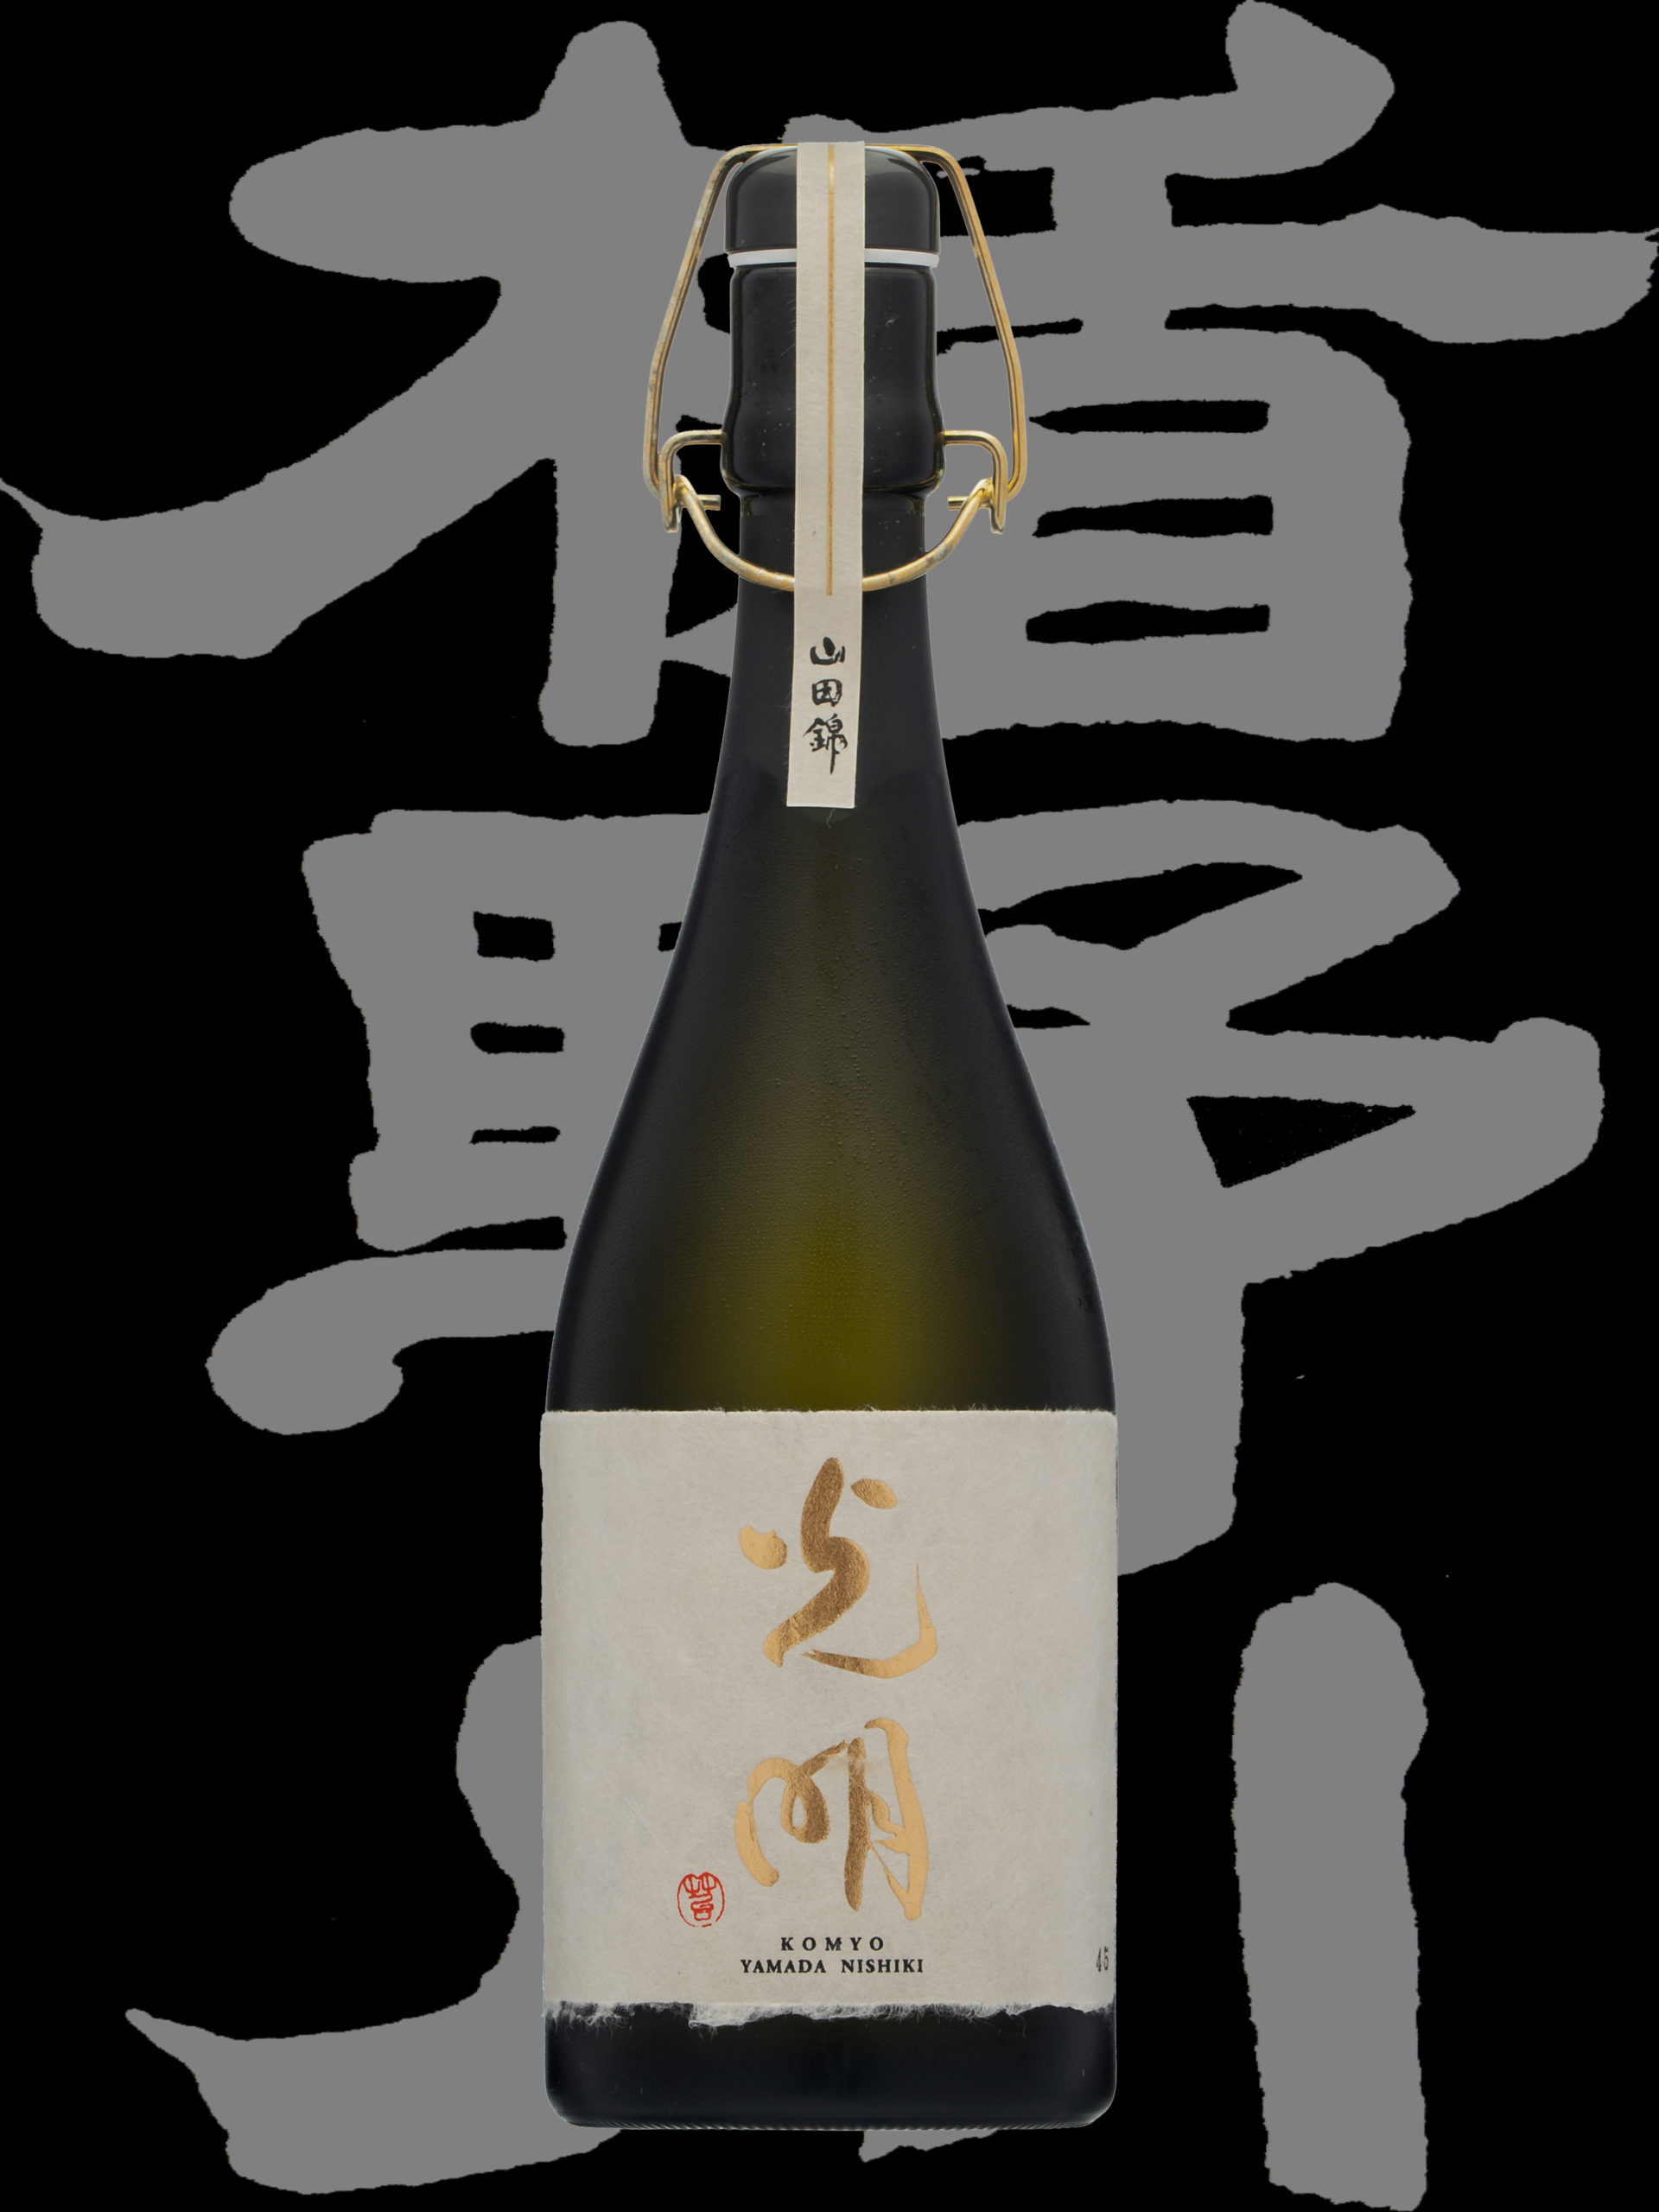 楯野川(たてのかわ)「純米大吟醸」光明 山田錦